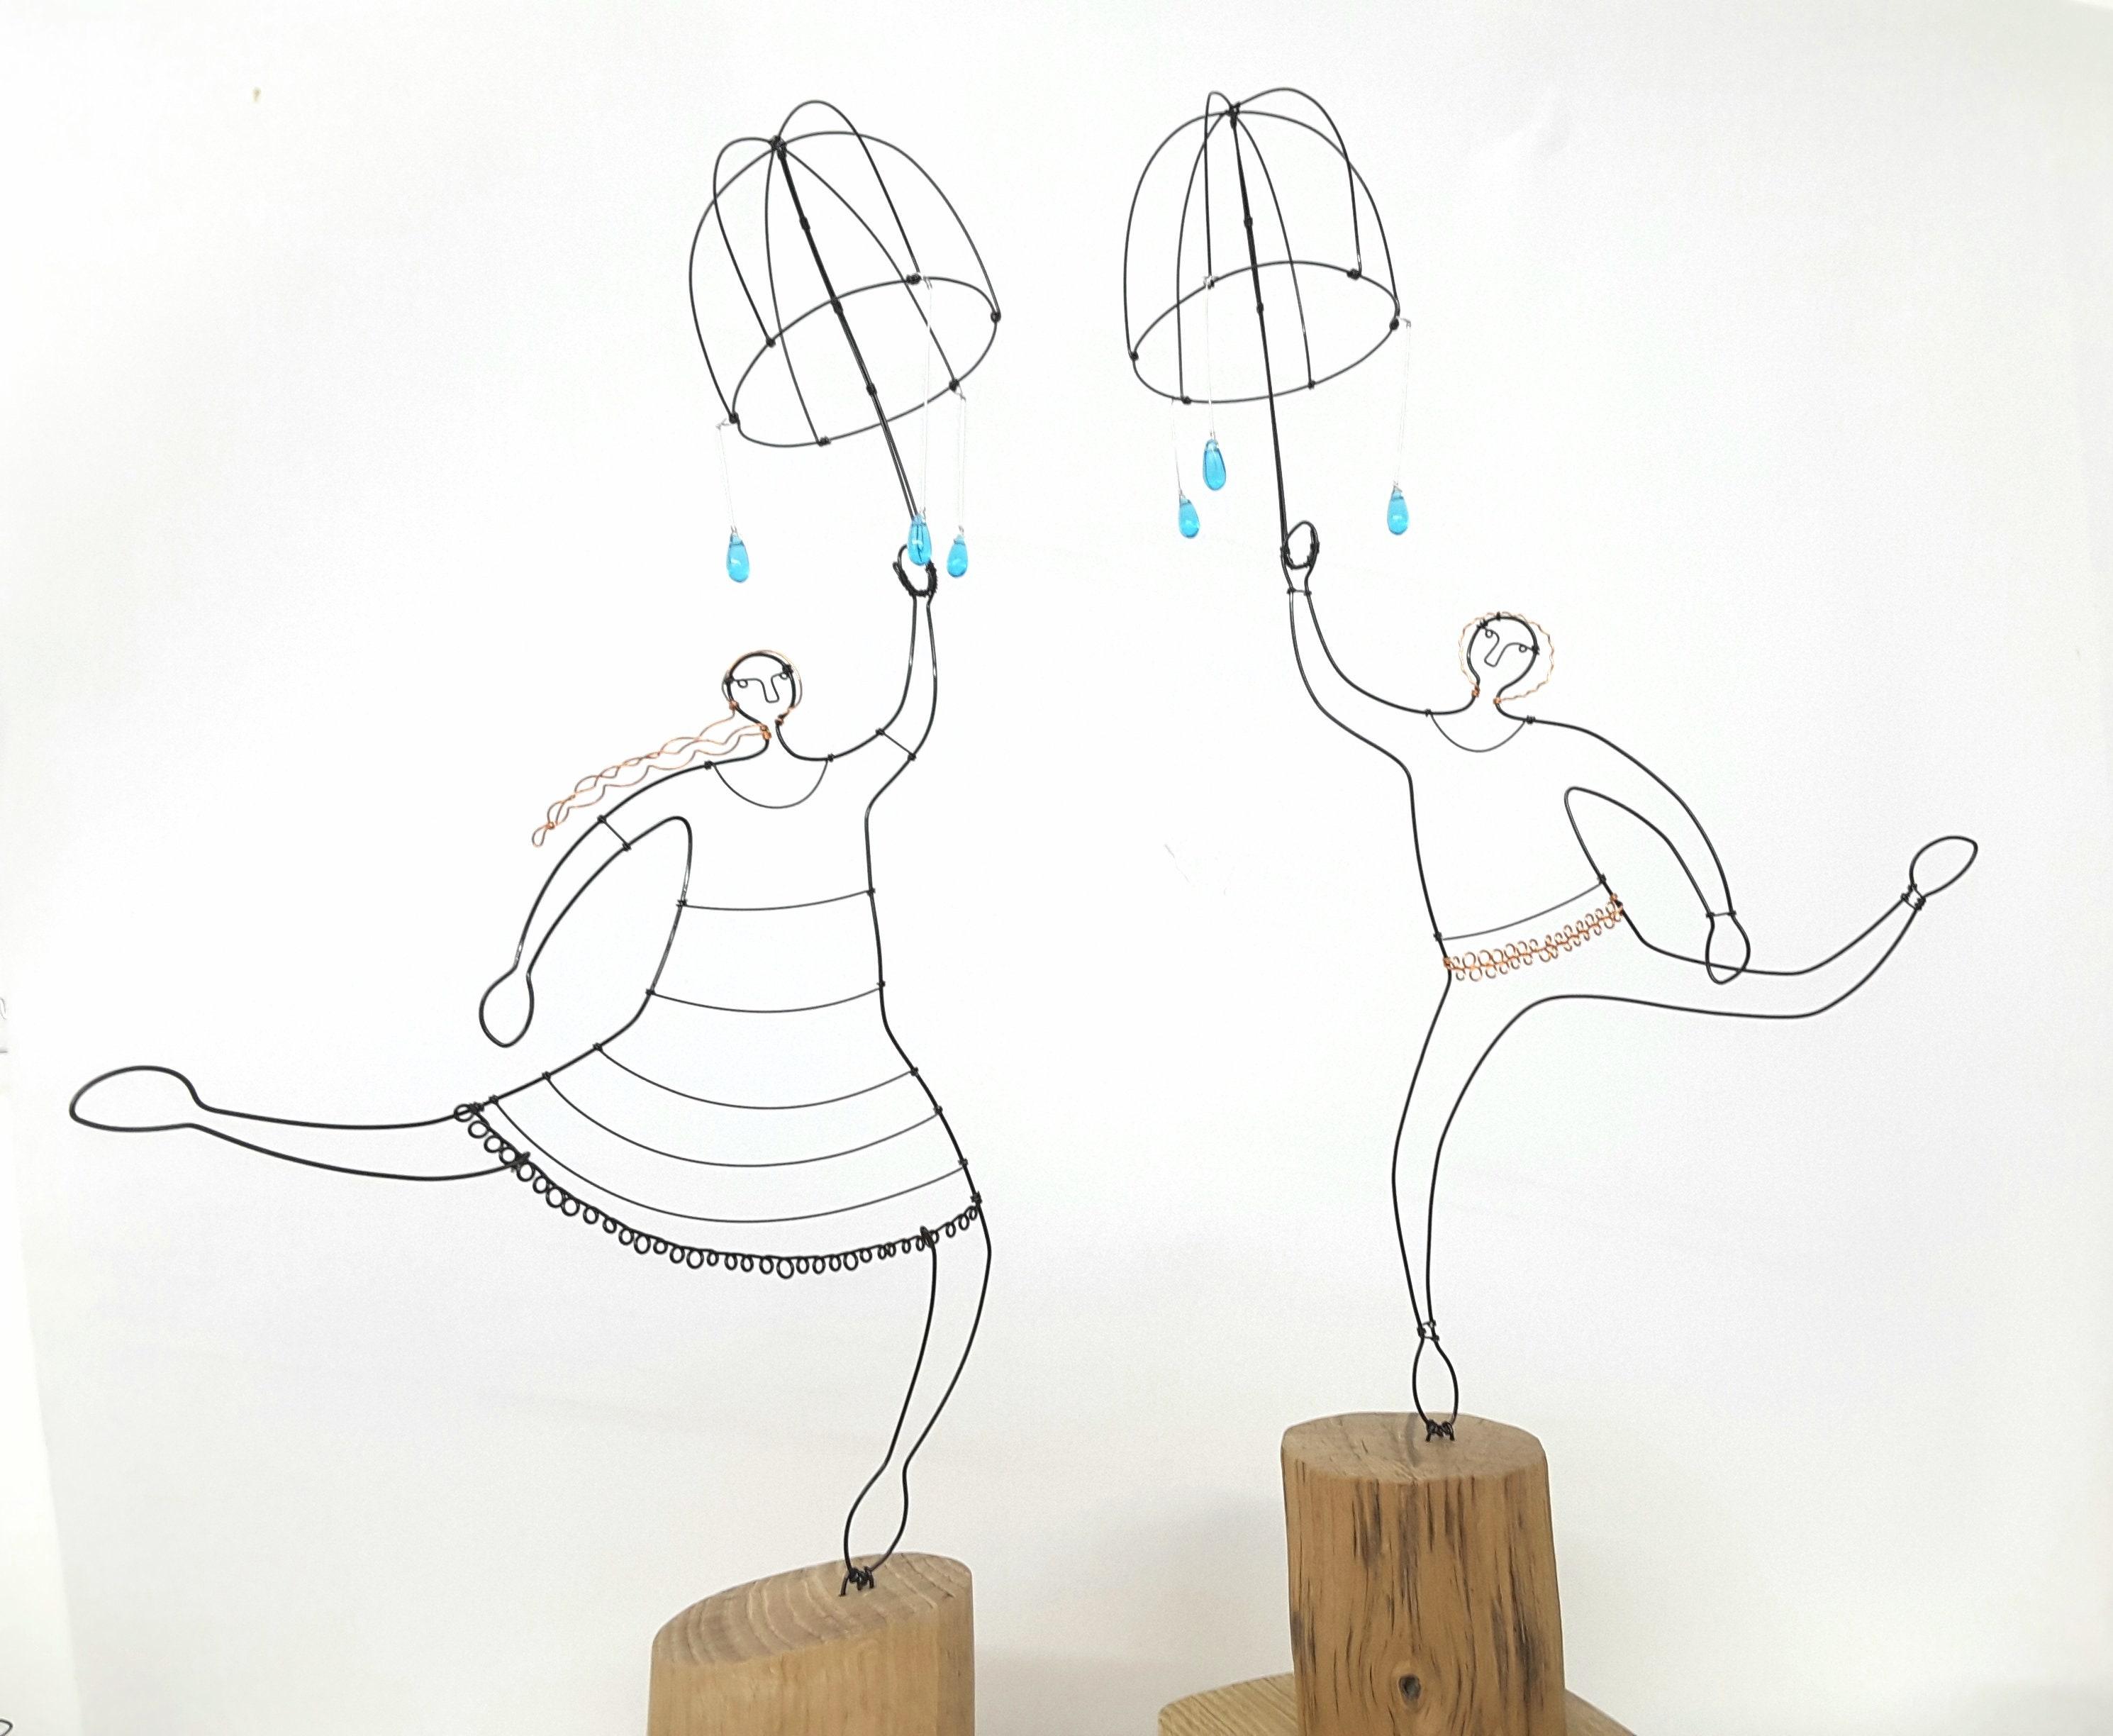 Ausgezeichnet Draht Hase Statue Fotos - Elektrische Schaltplan-Ideen ...